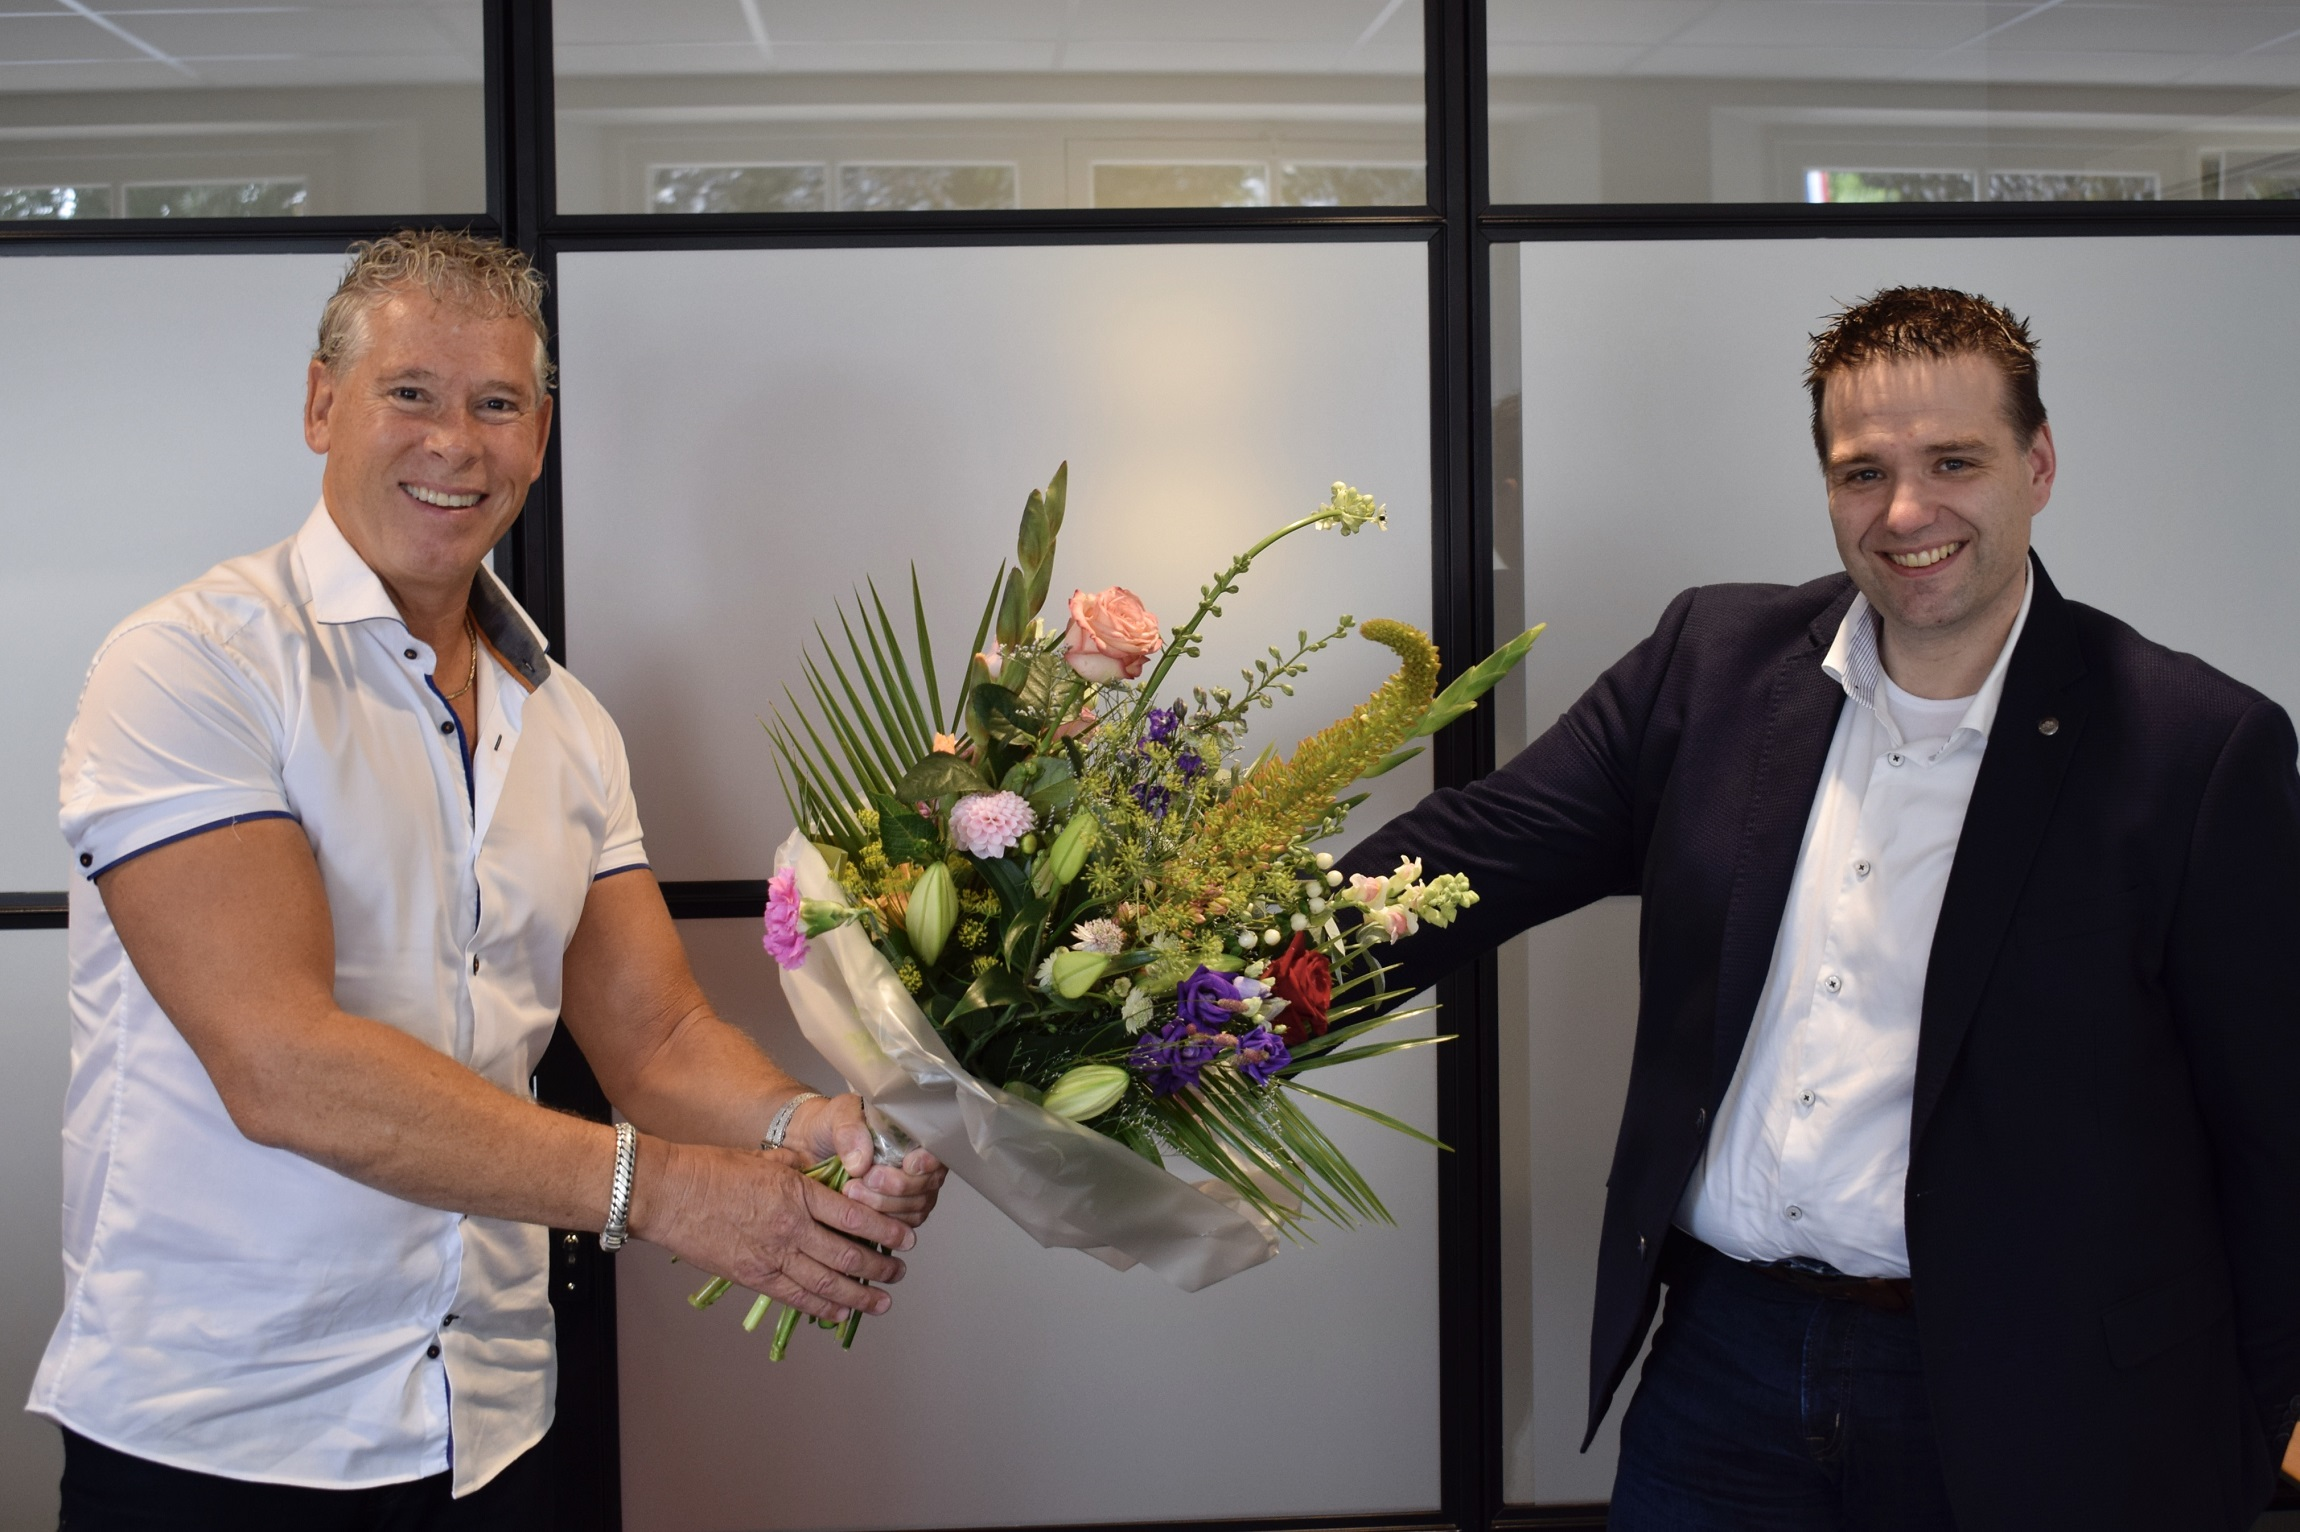 Links Eduard Craanen, eigenaar FlexGroup, rechts Jan van den Broek, eigenaar Workstead.